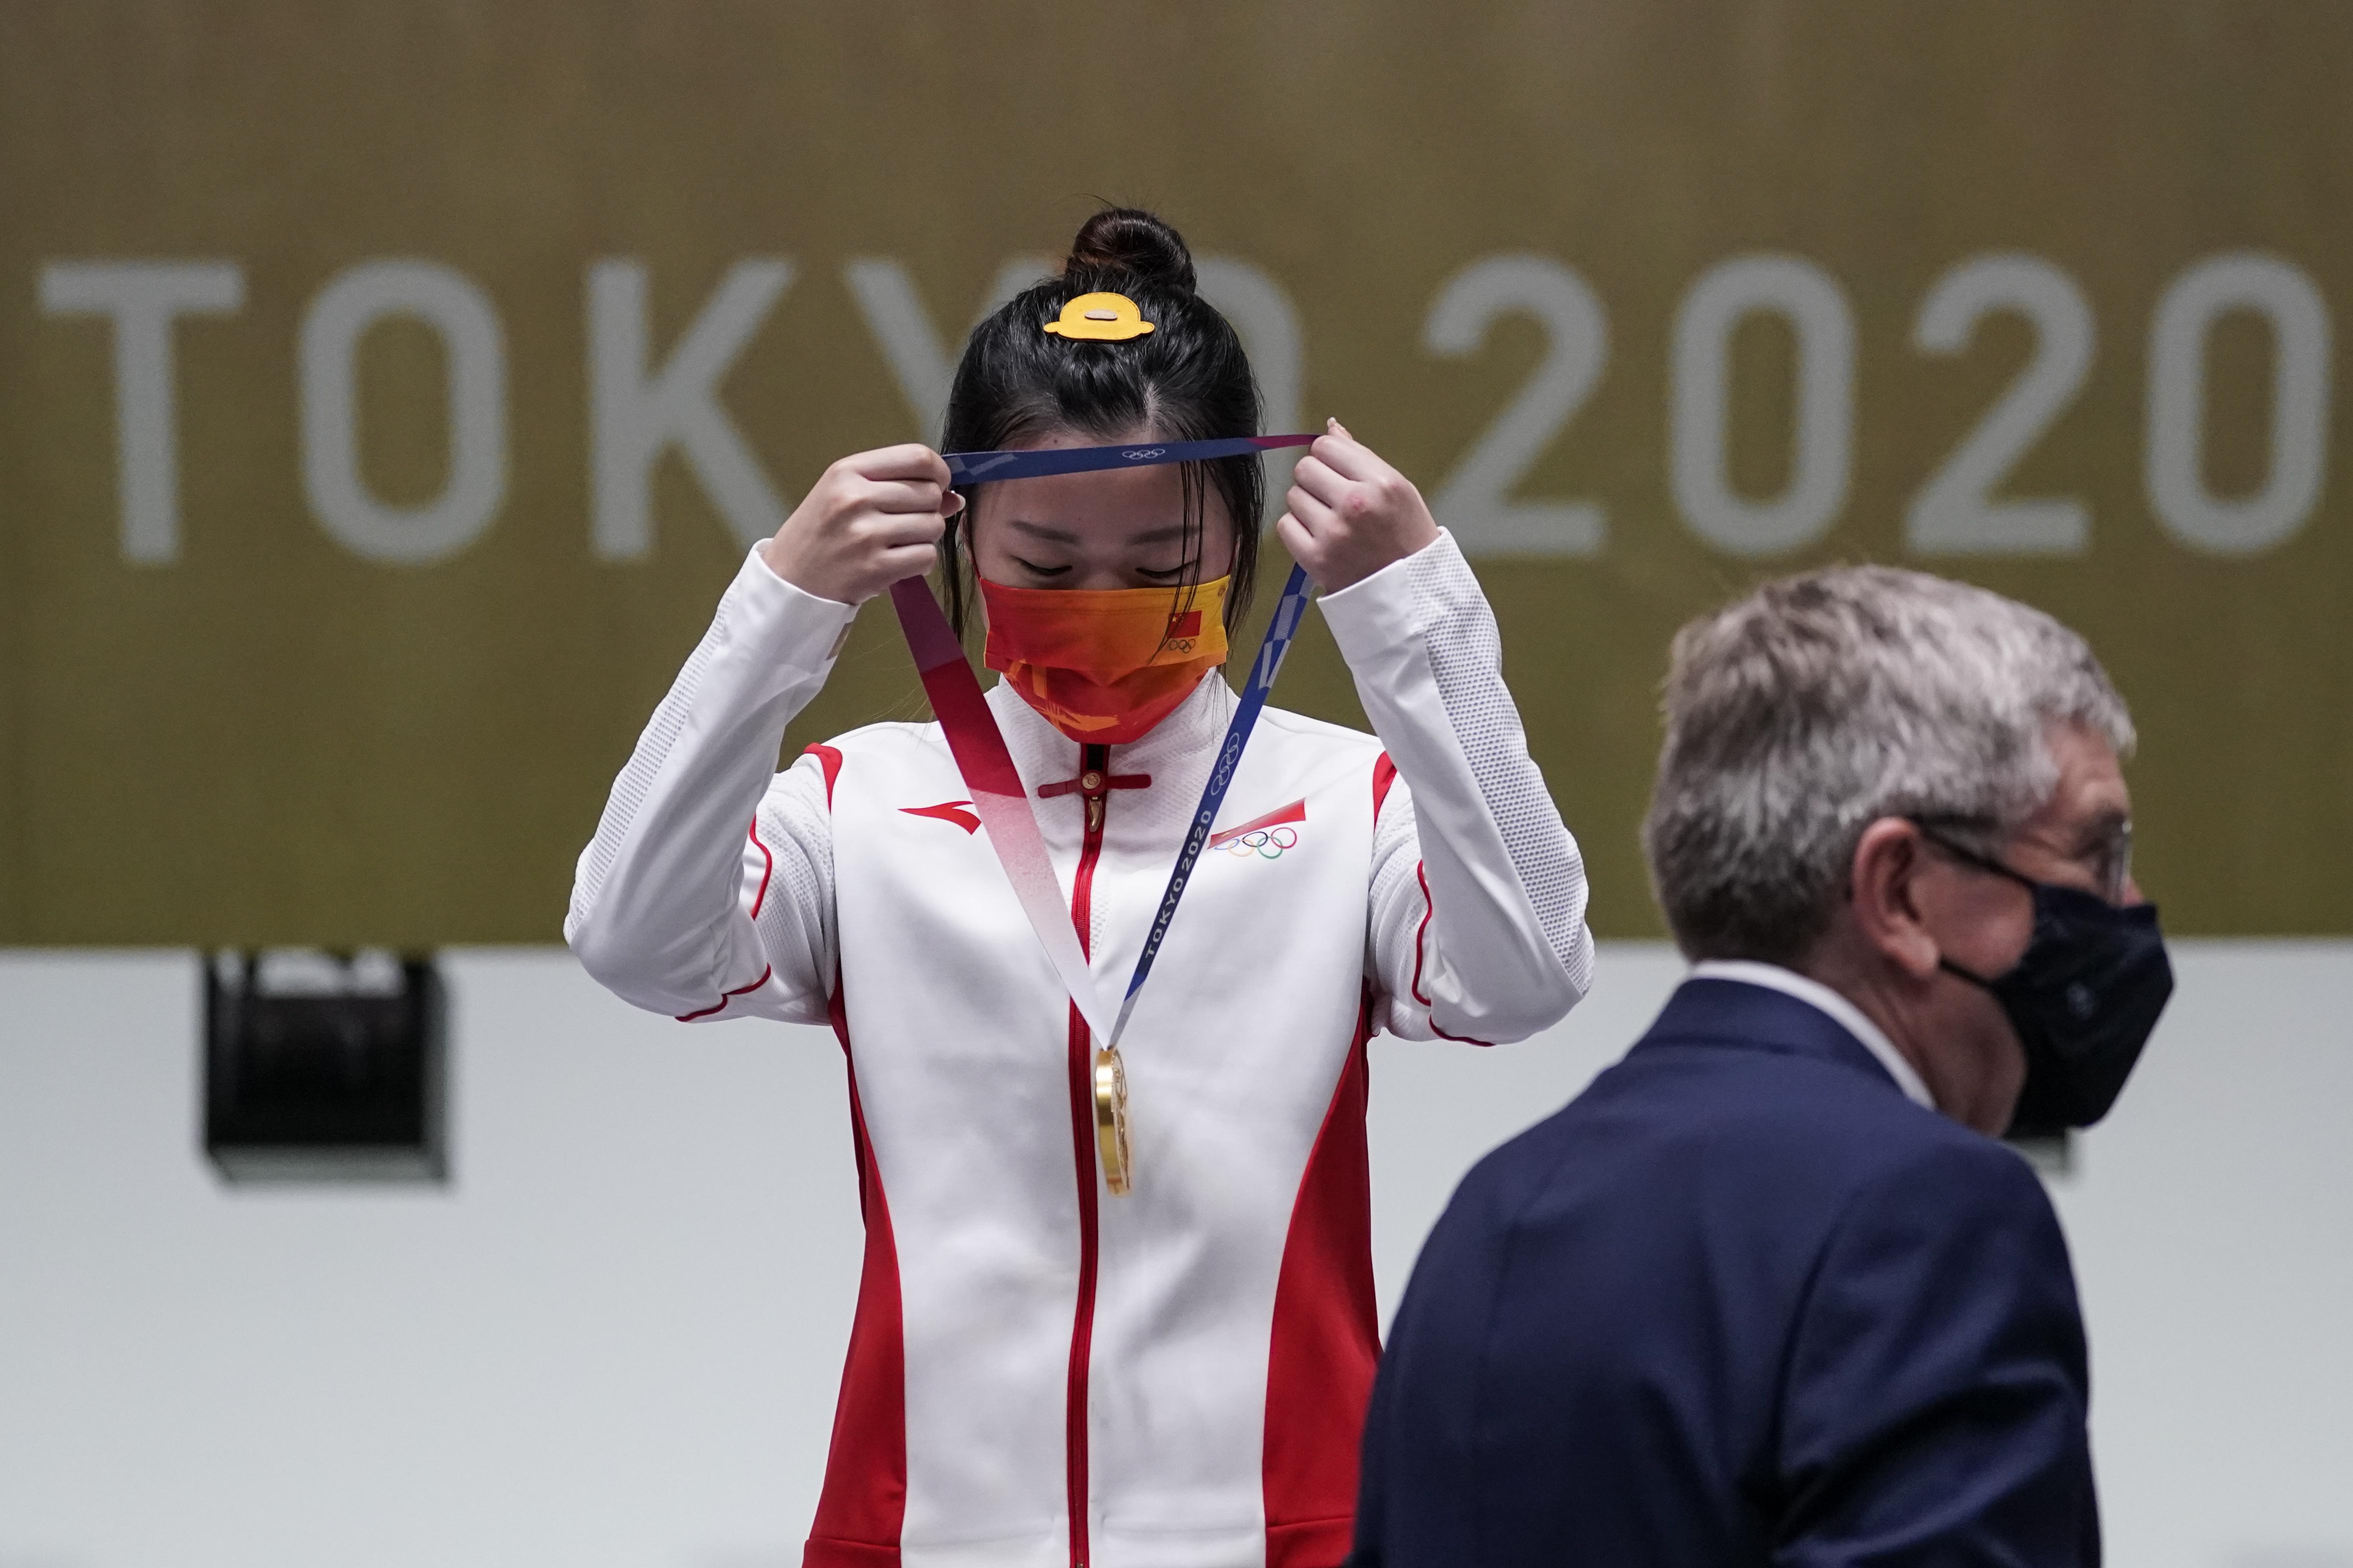 杨倩自己戴上金牌。